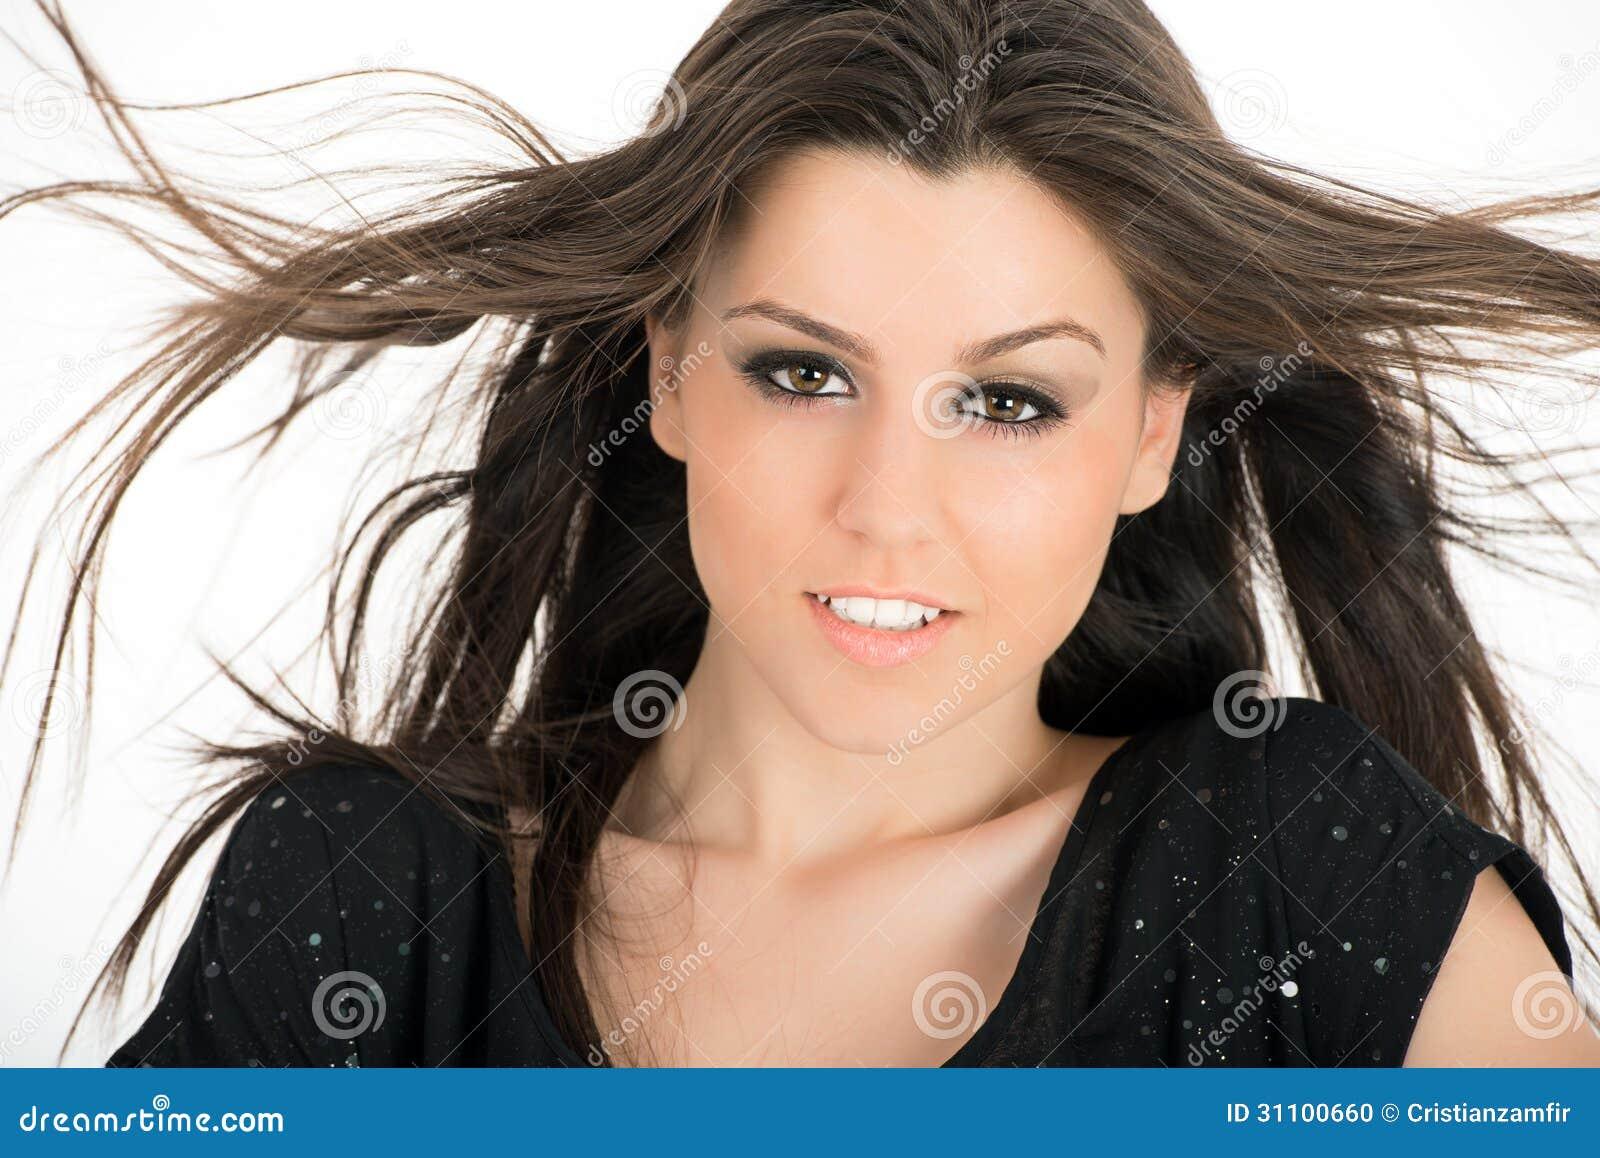 mulher-bonita-com-cabelo-marrom-longo-pp